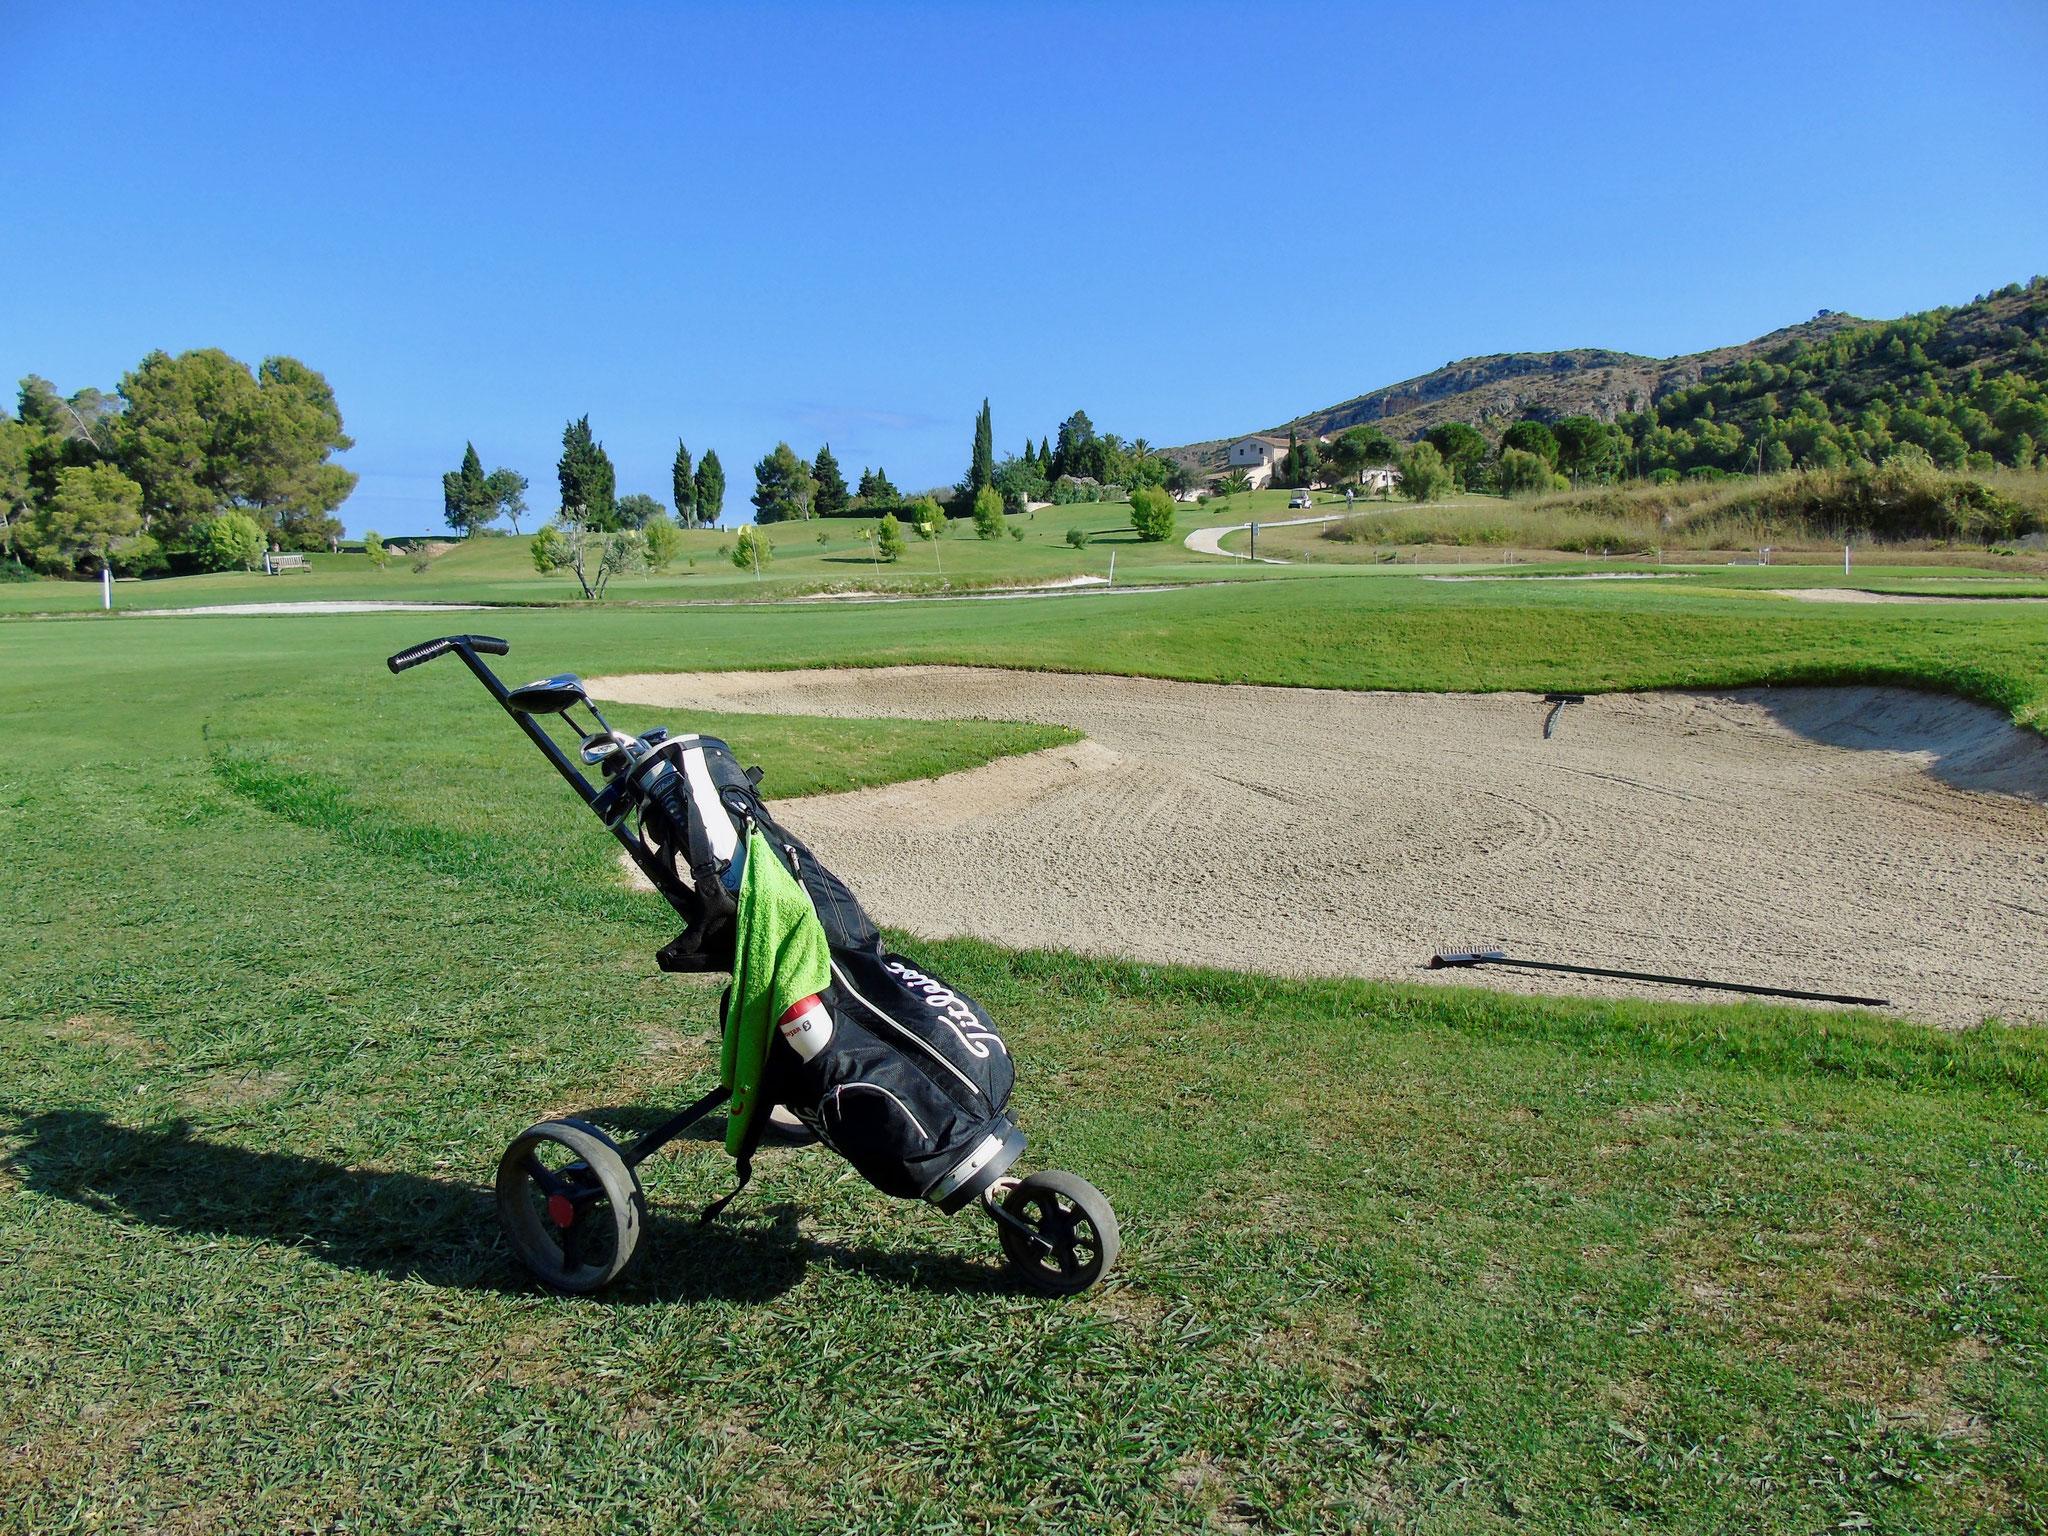 Die Region bietet 4 tolle Golfplätze